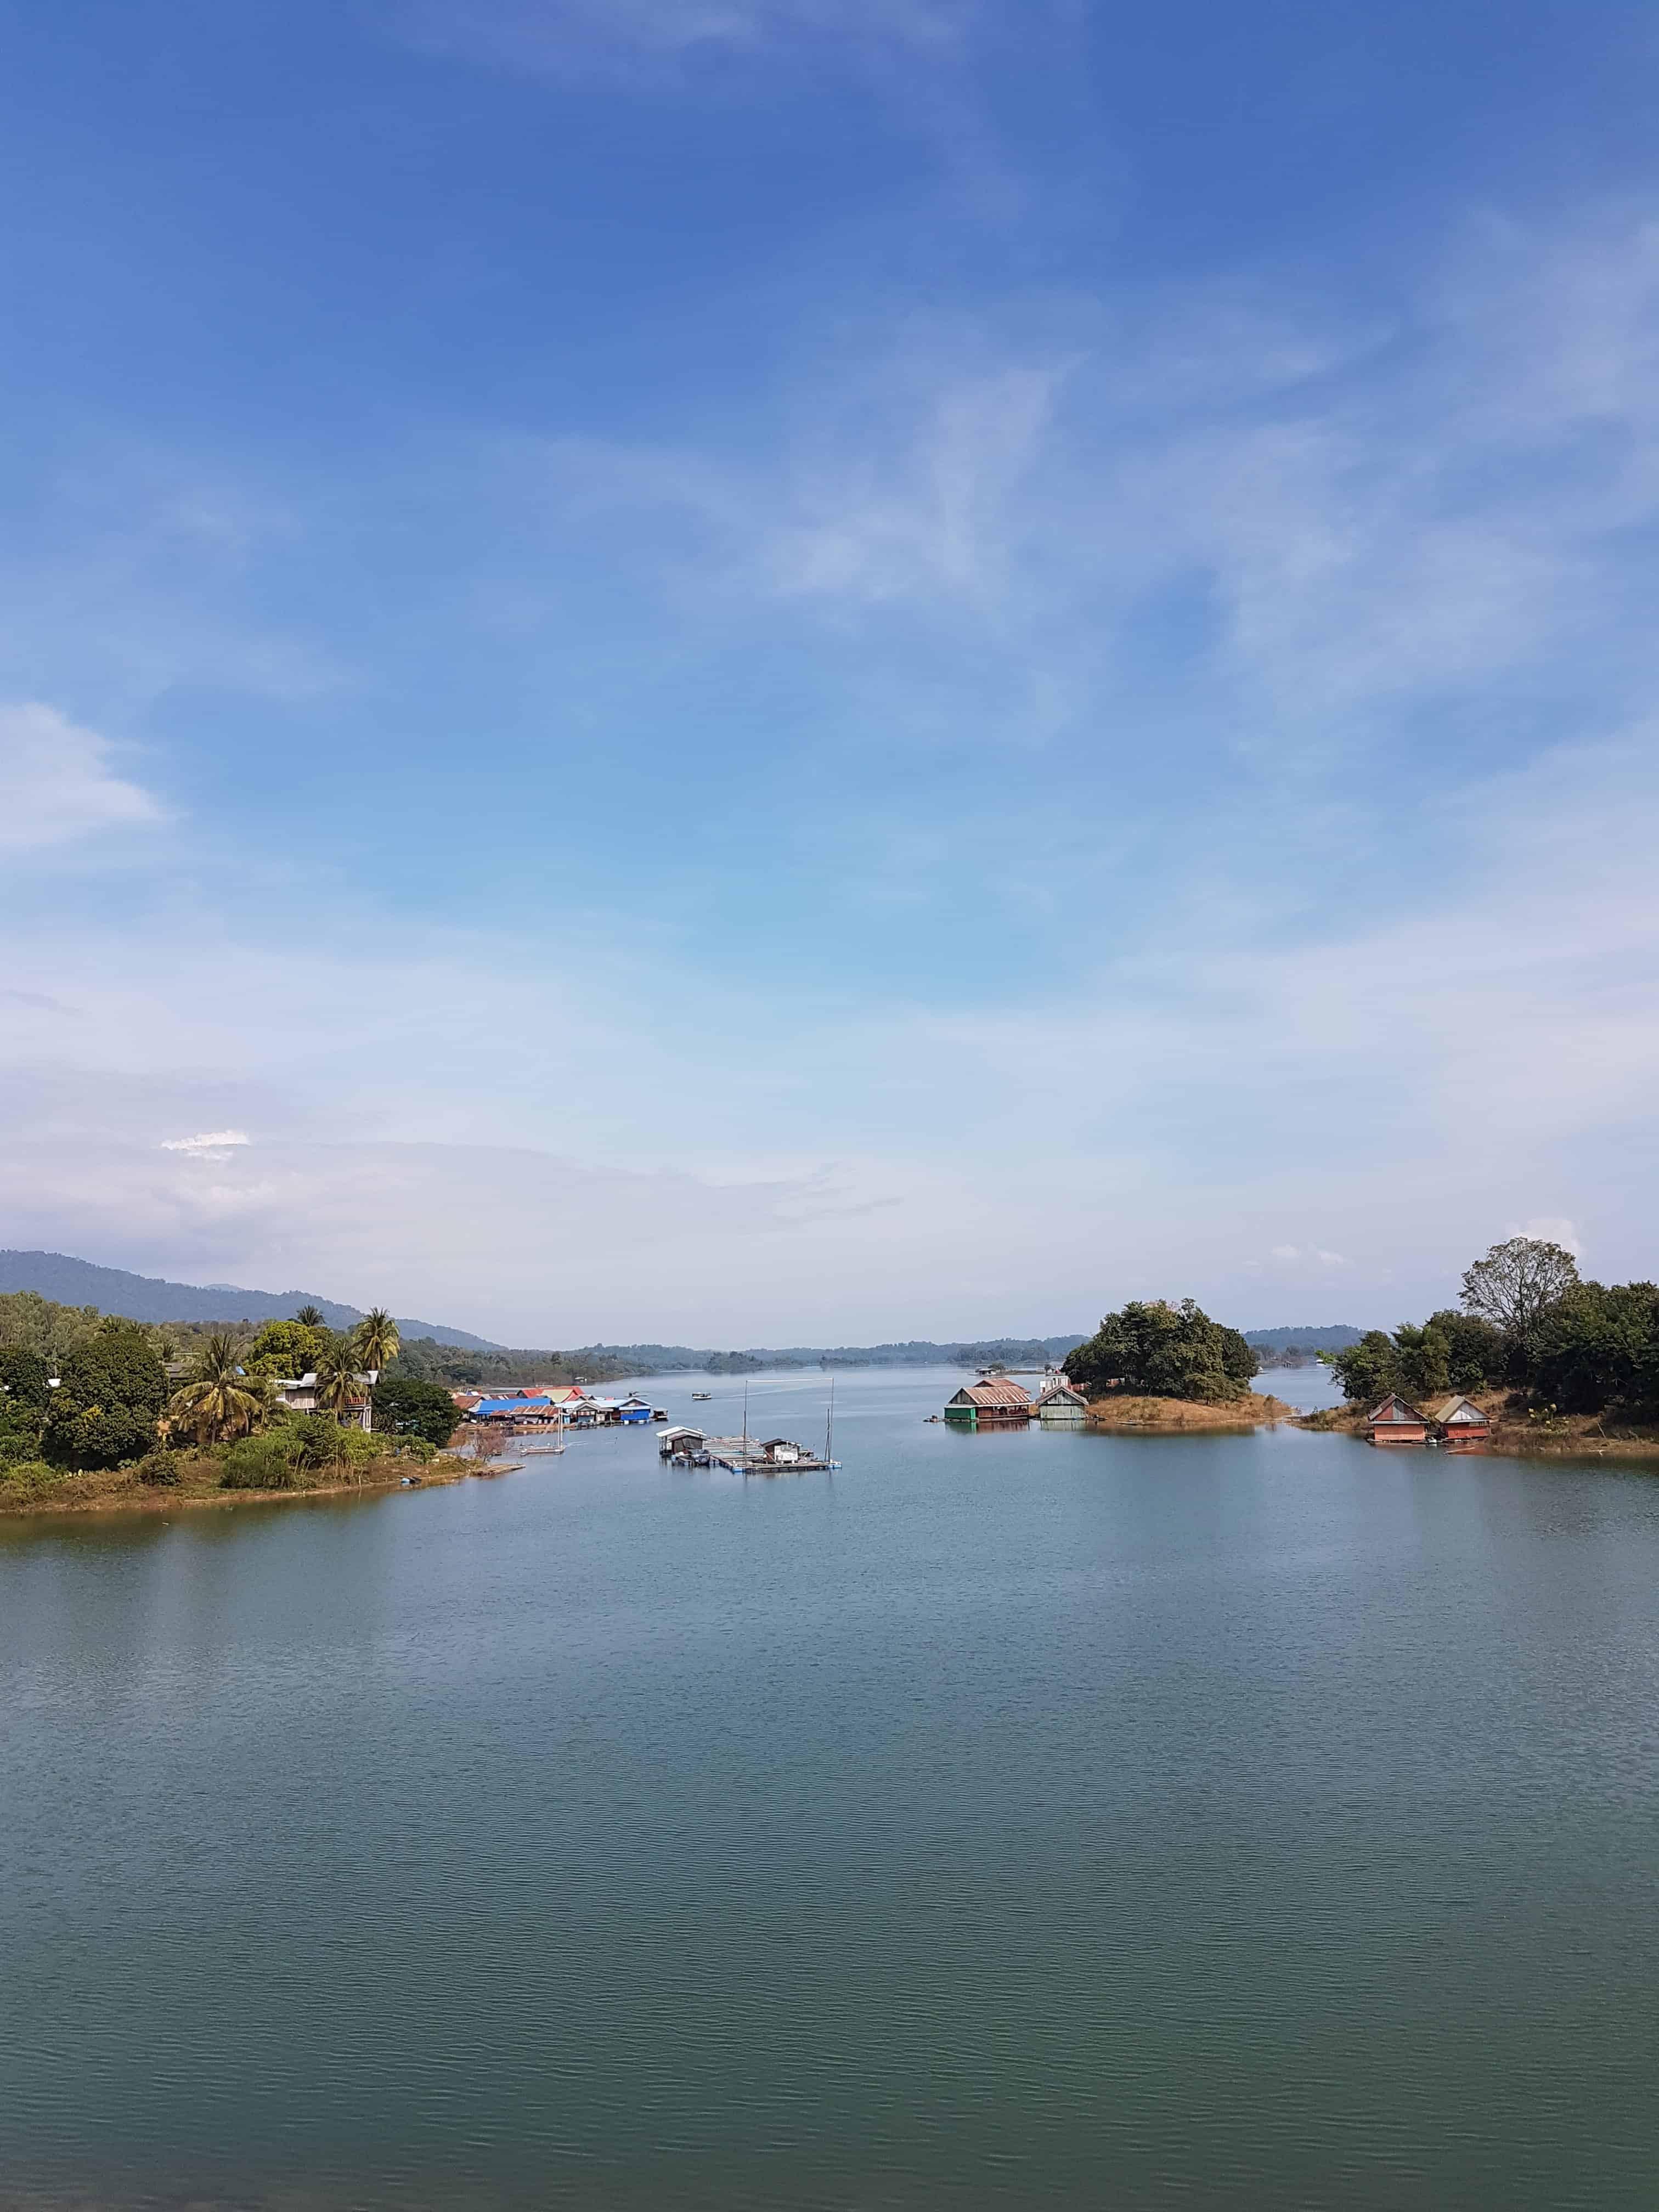 Thaïlande, un joli village de pêcheurs au bord de l'eau 🛶 3